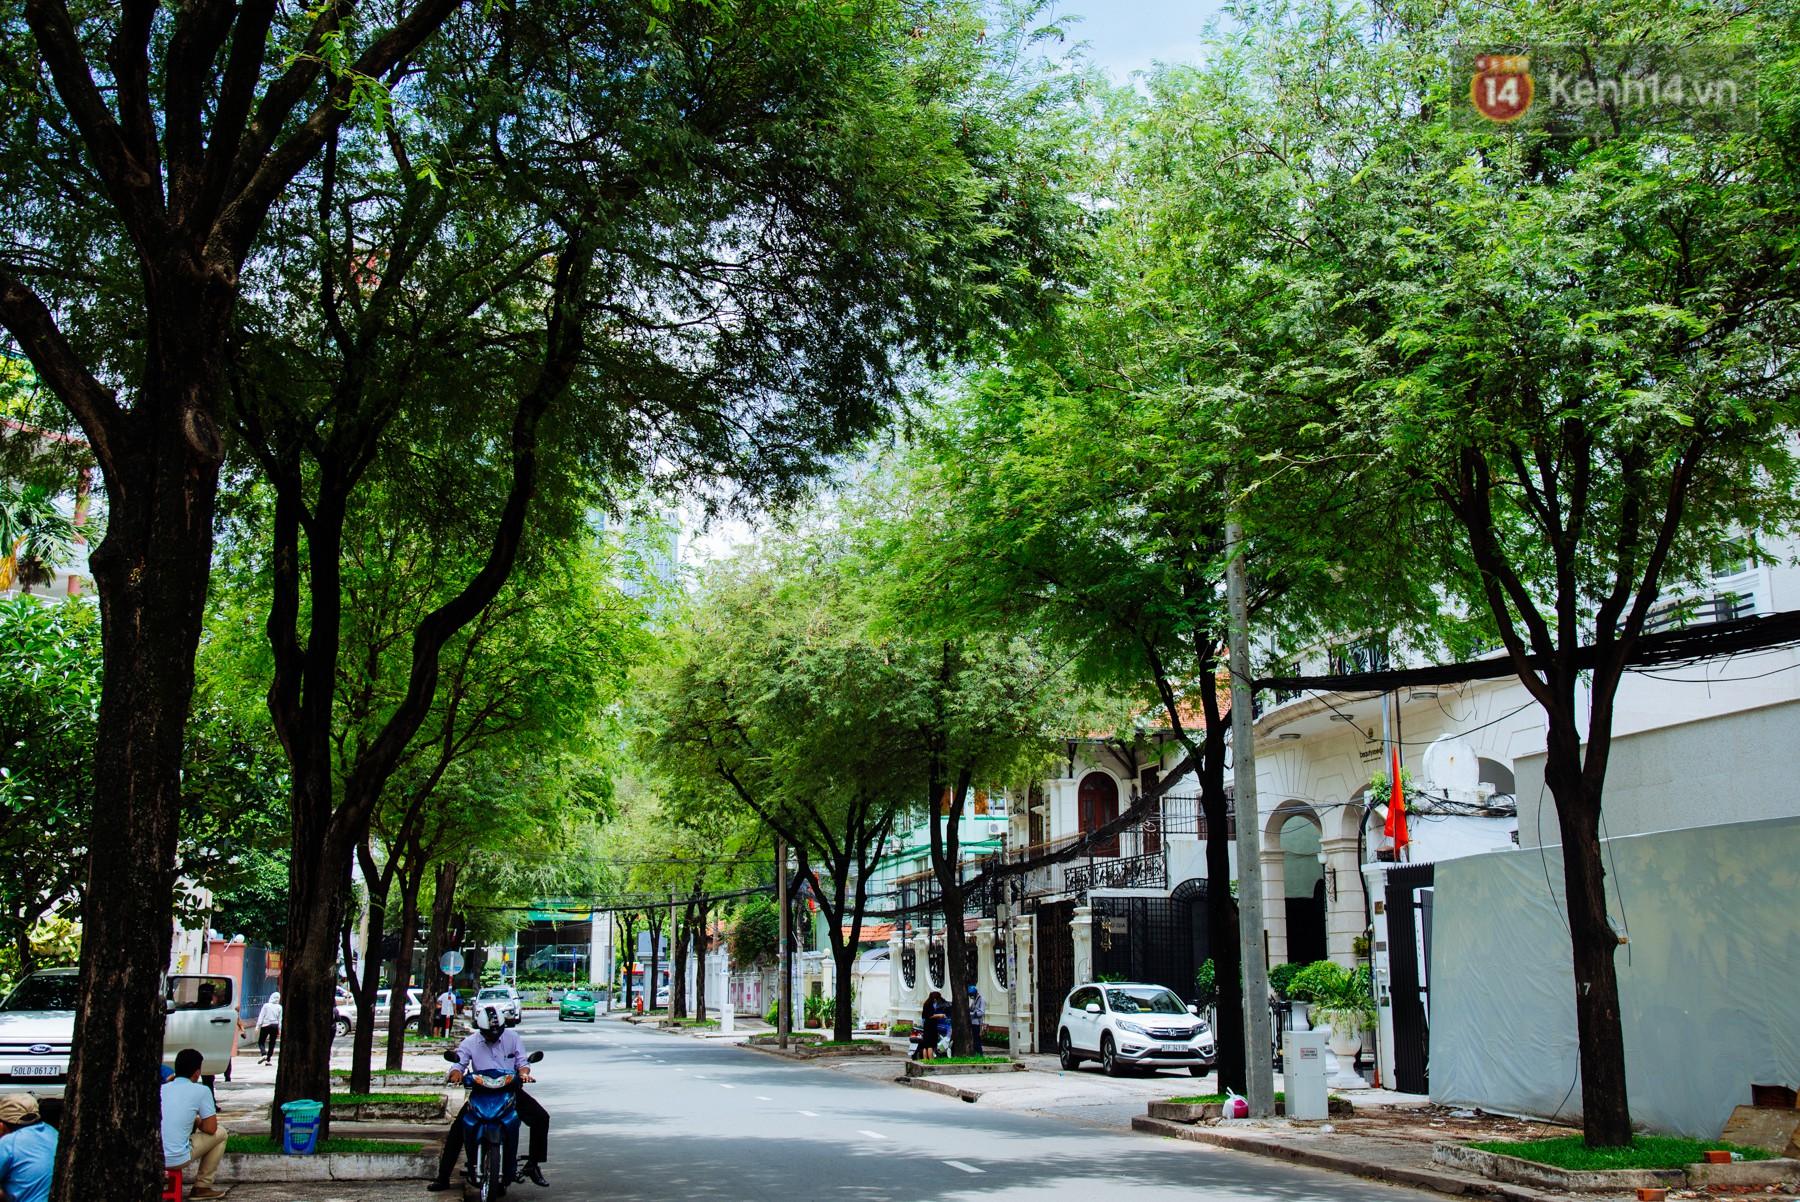 Có một mùa chua chua ngọt ngọt ở Sài Gòn: Mùa lá me bay gợi đầy ký ức - Ảnh 2.